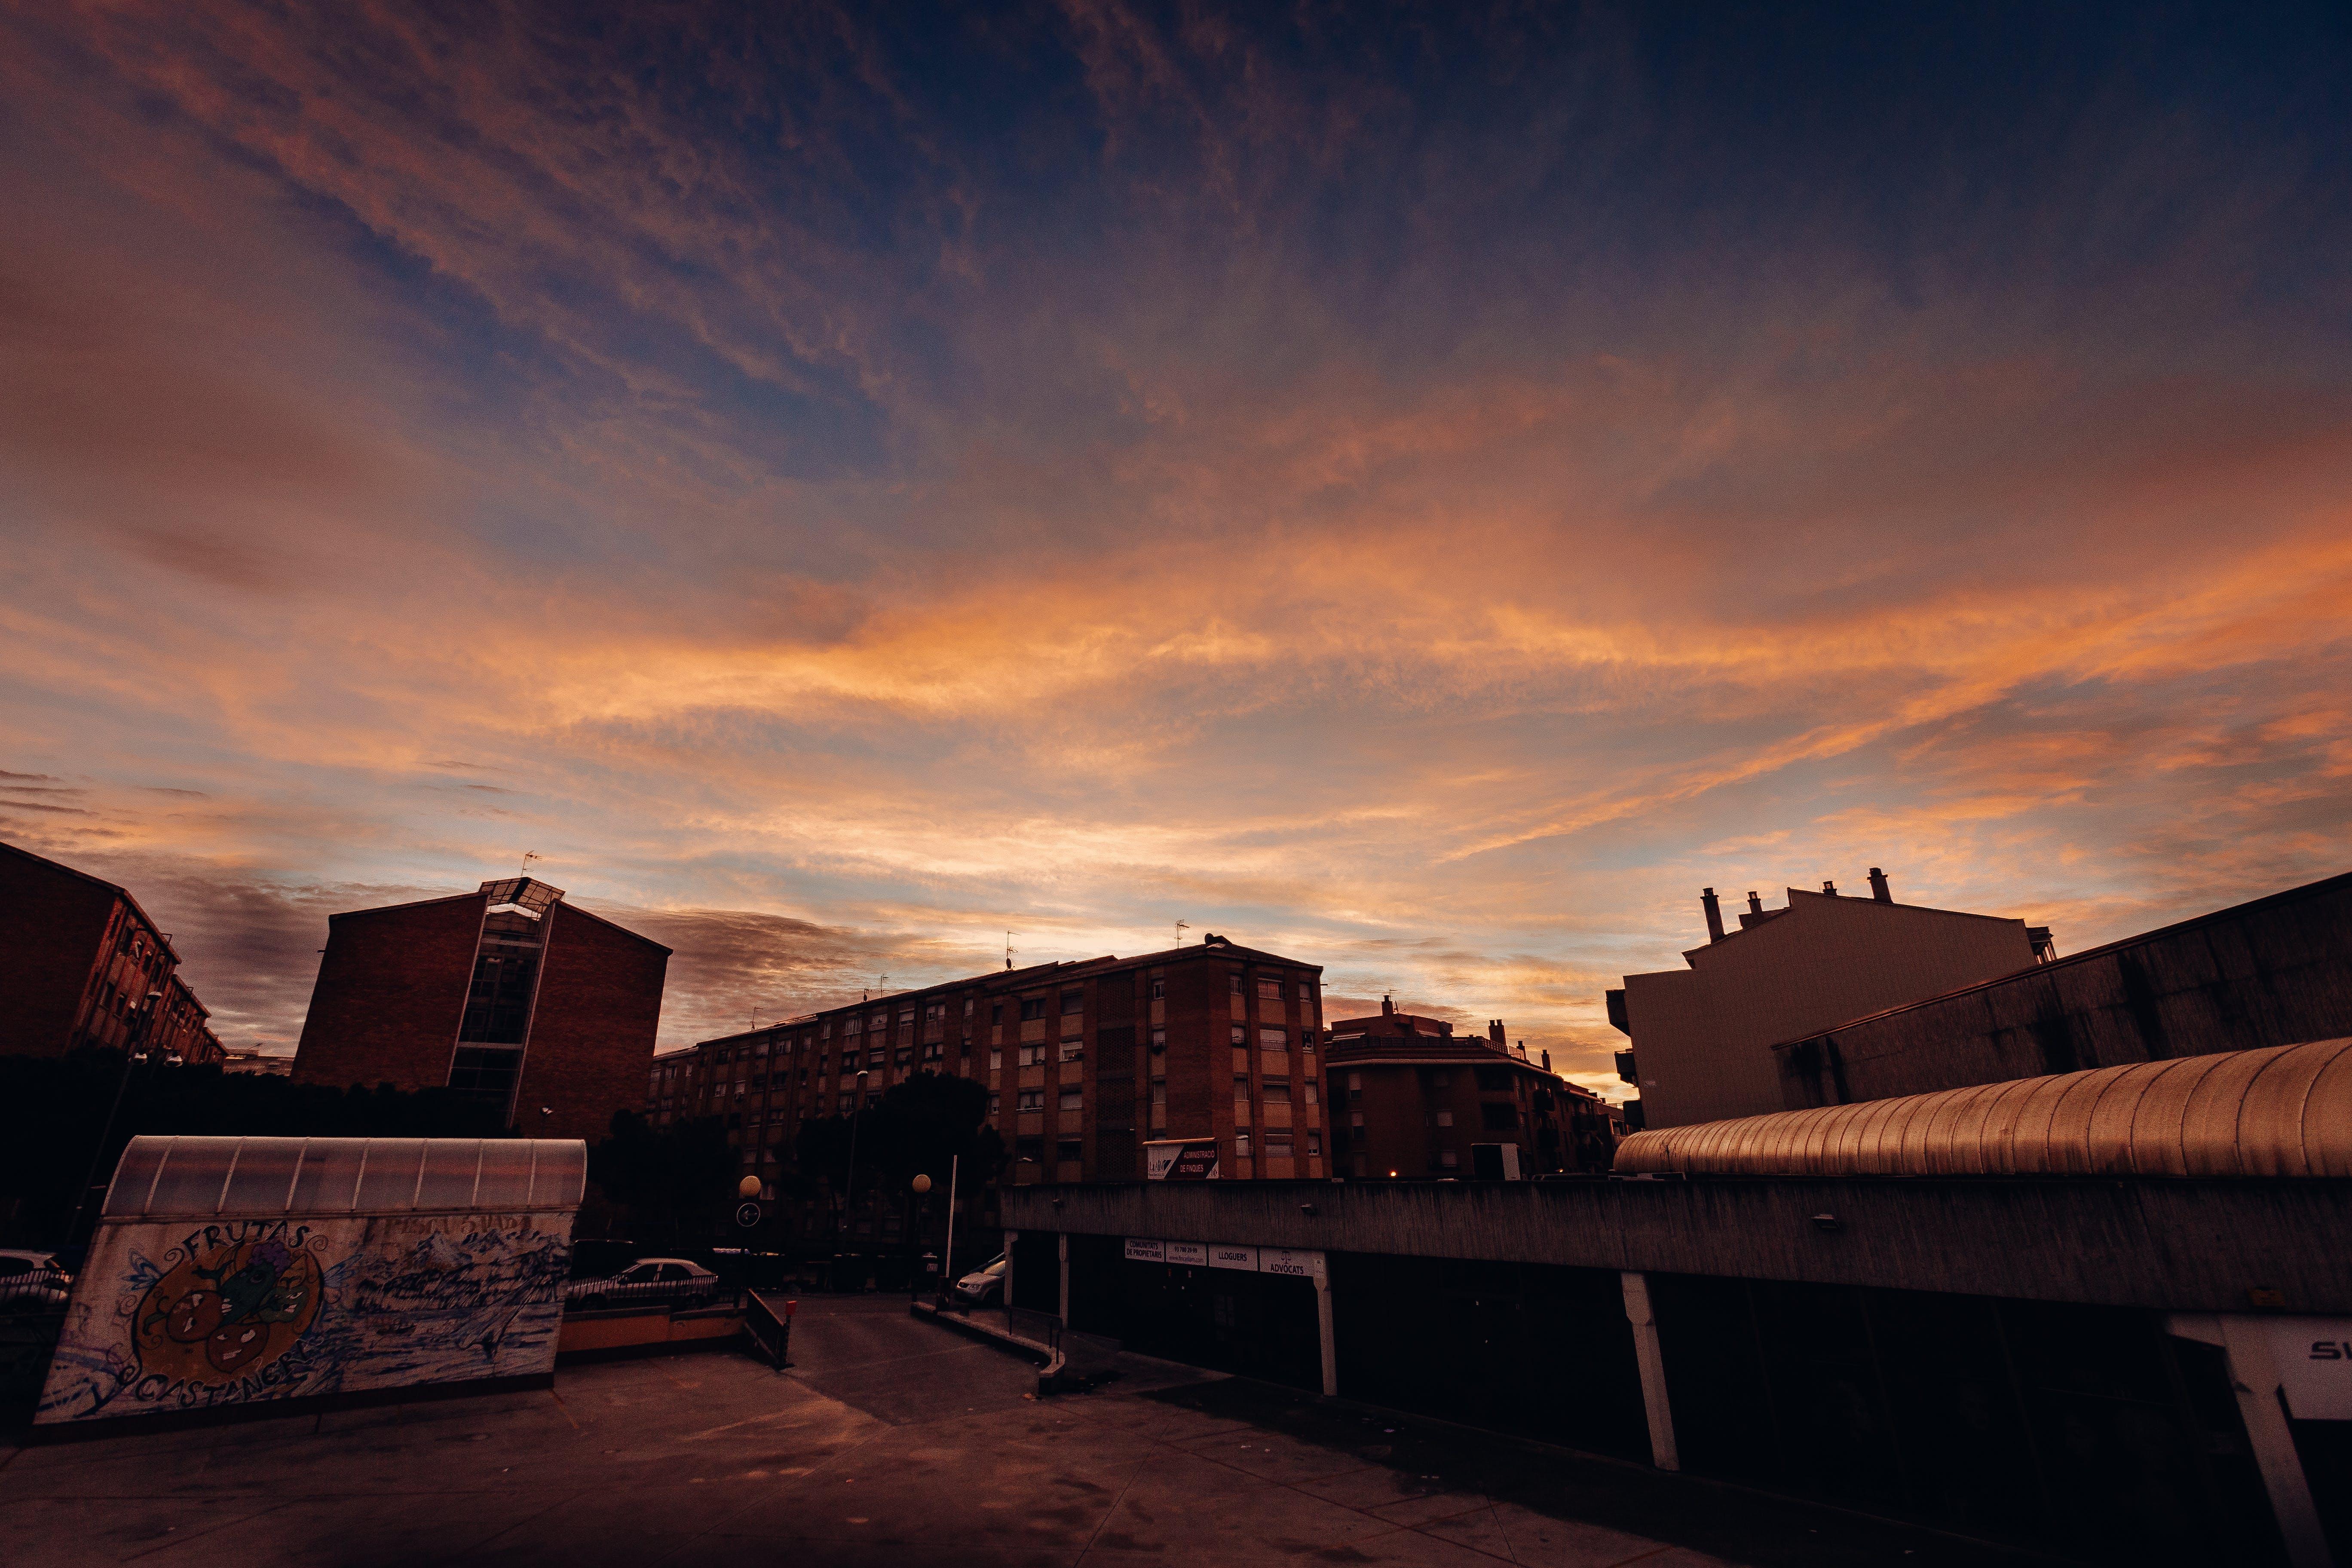 ゴールデンアワー, 夕方, 工業プラント, 建物の無料の写真素材